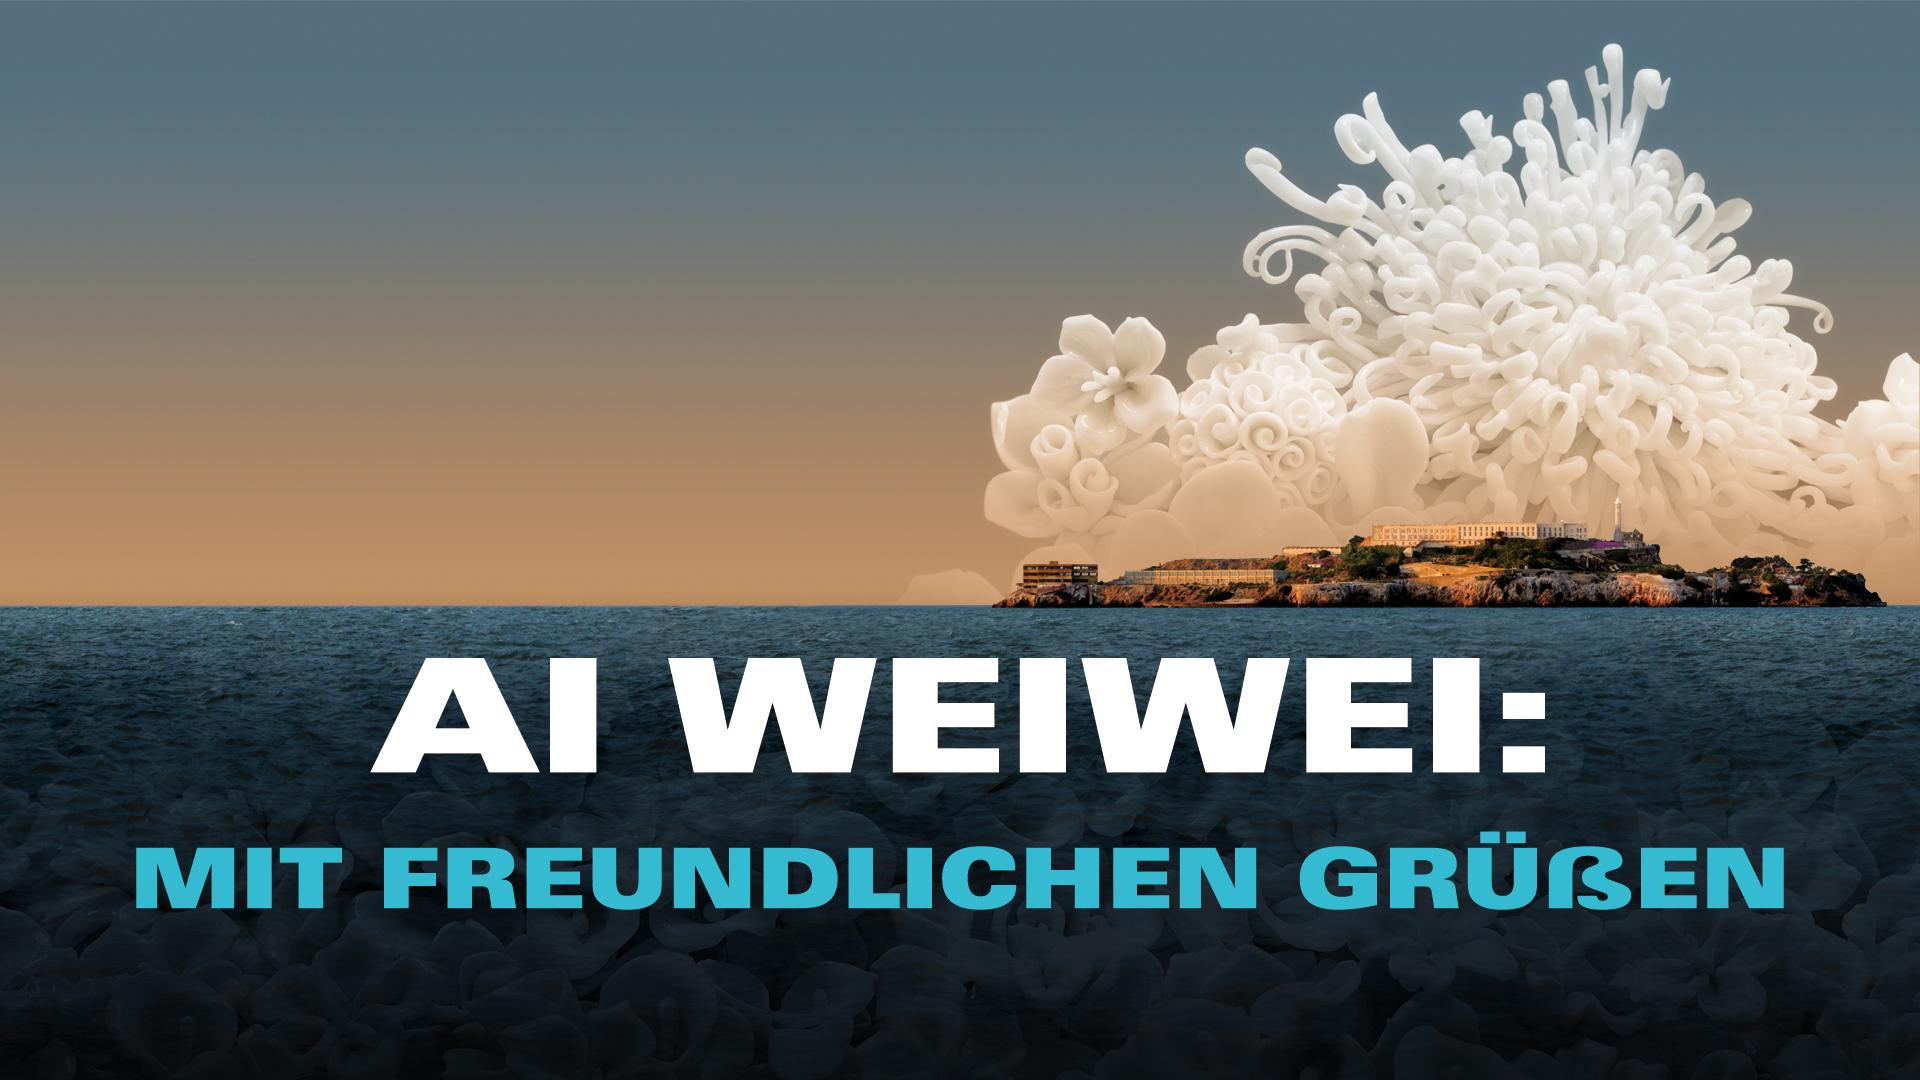 Ai Weiwei: Mit freundlichen Grüßen [OV]